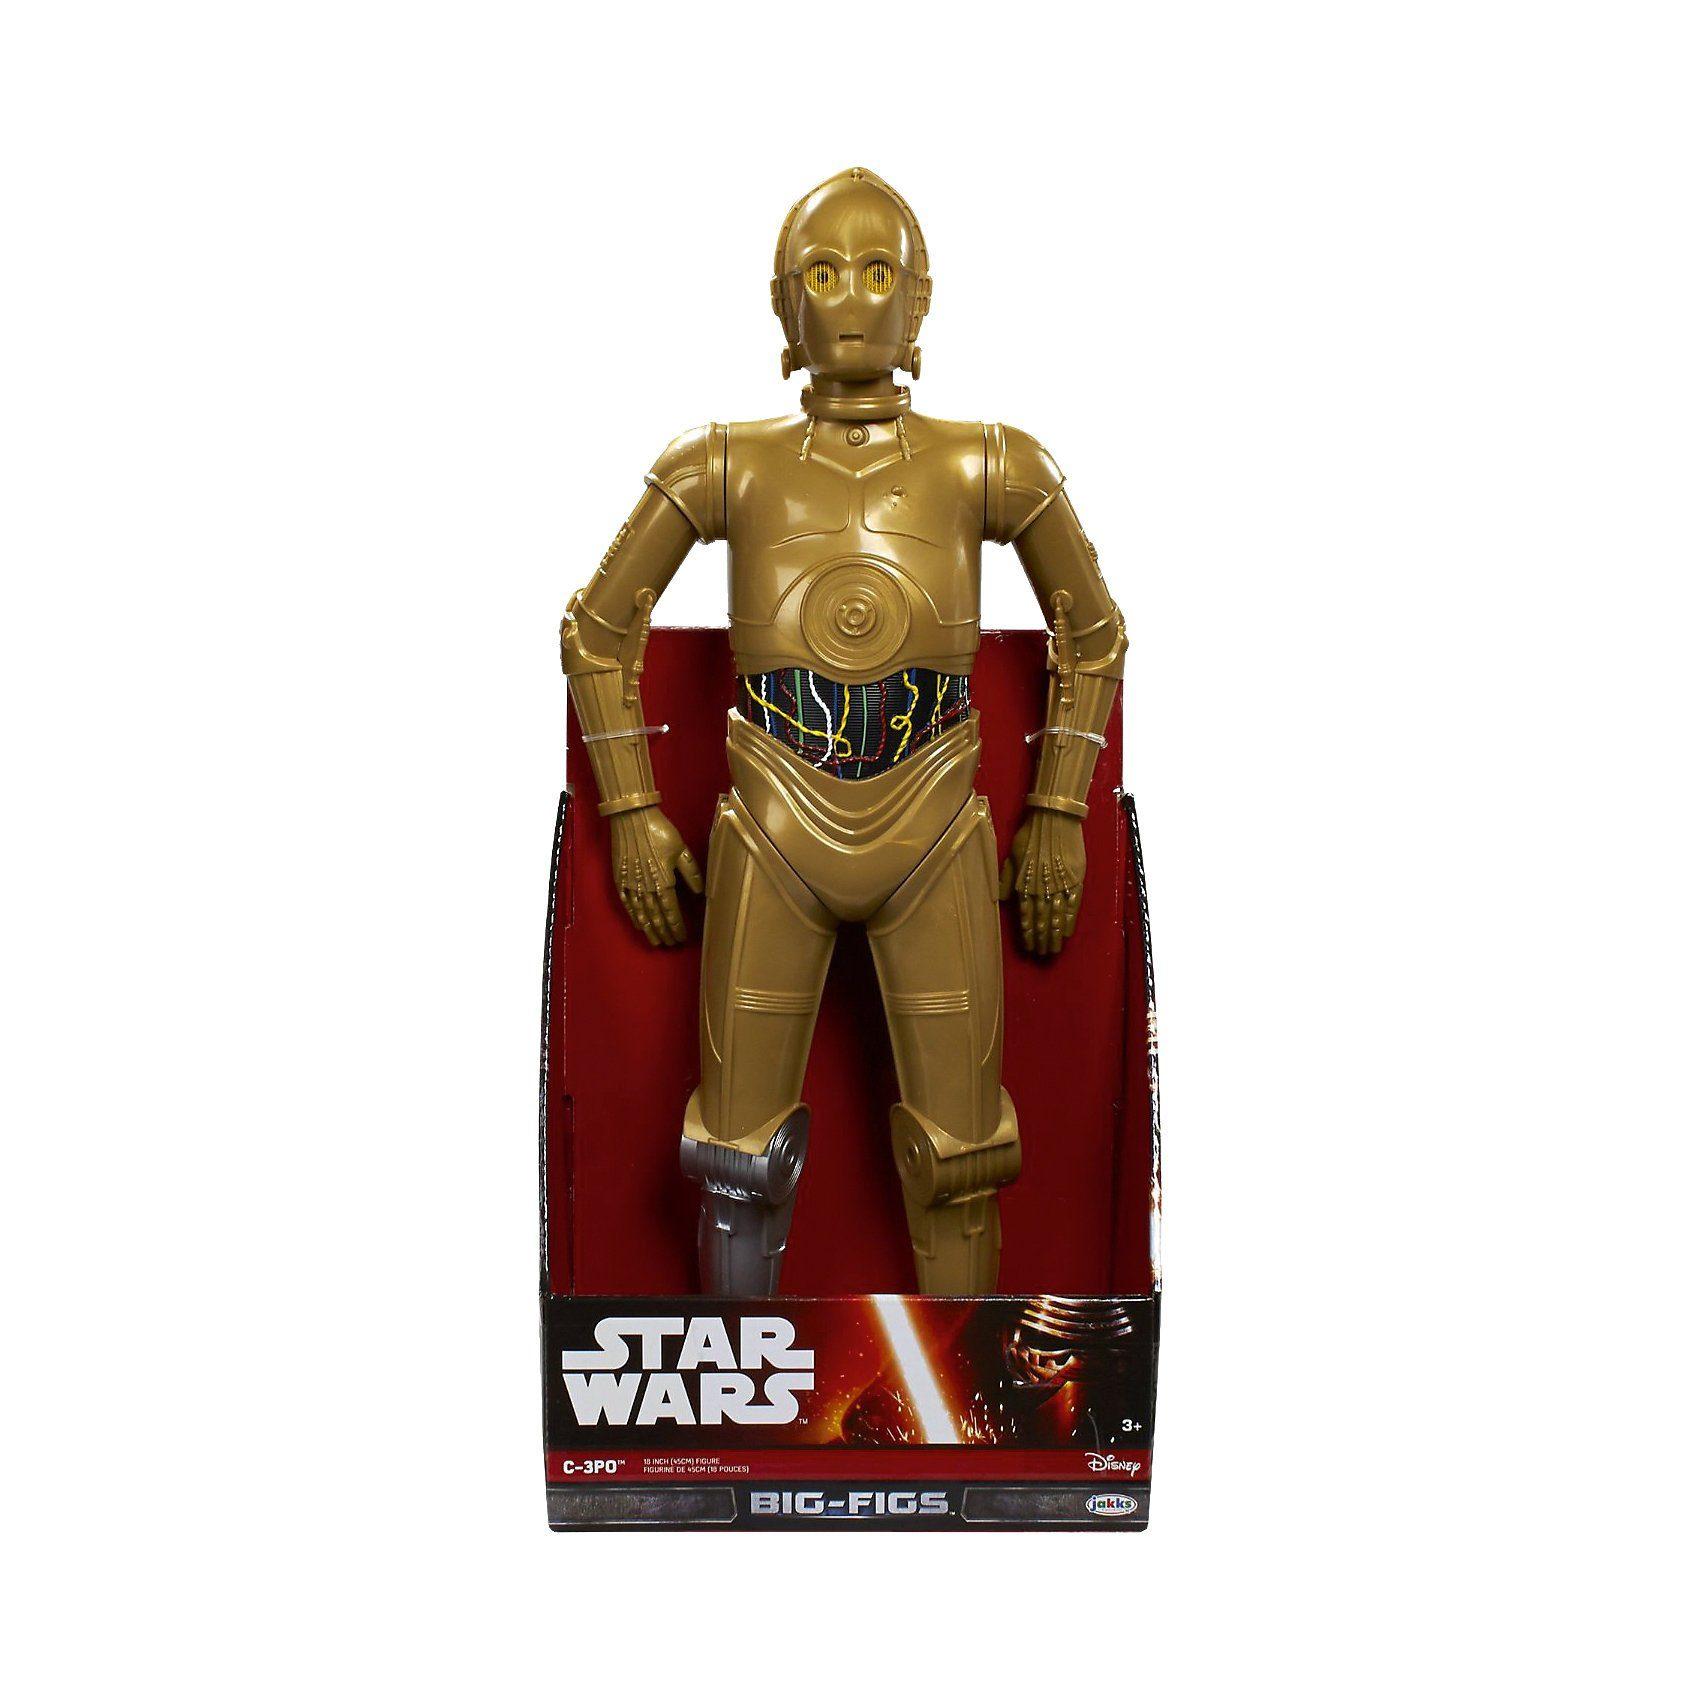 Jakks Pacific Star Wars Das Erwachen der Macht - Big Figs - C-3PO, 48cm